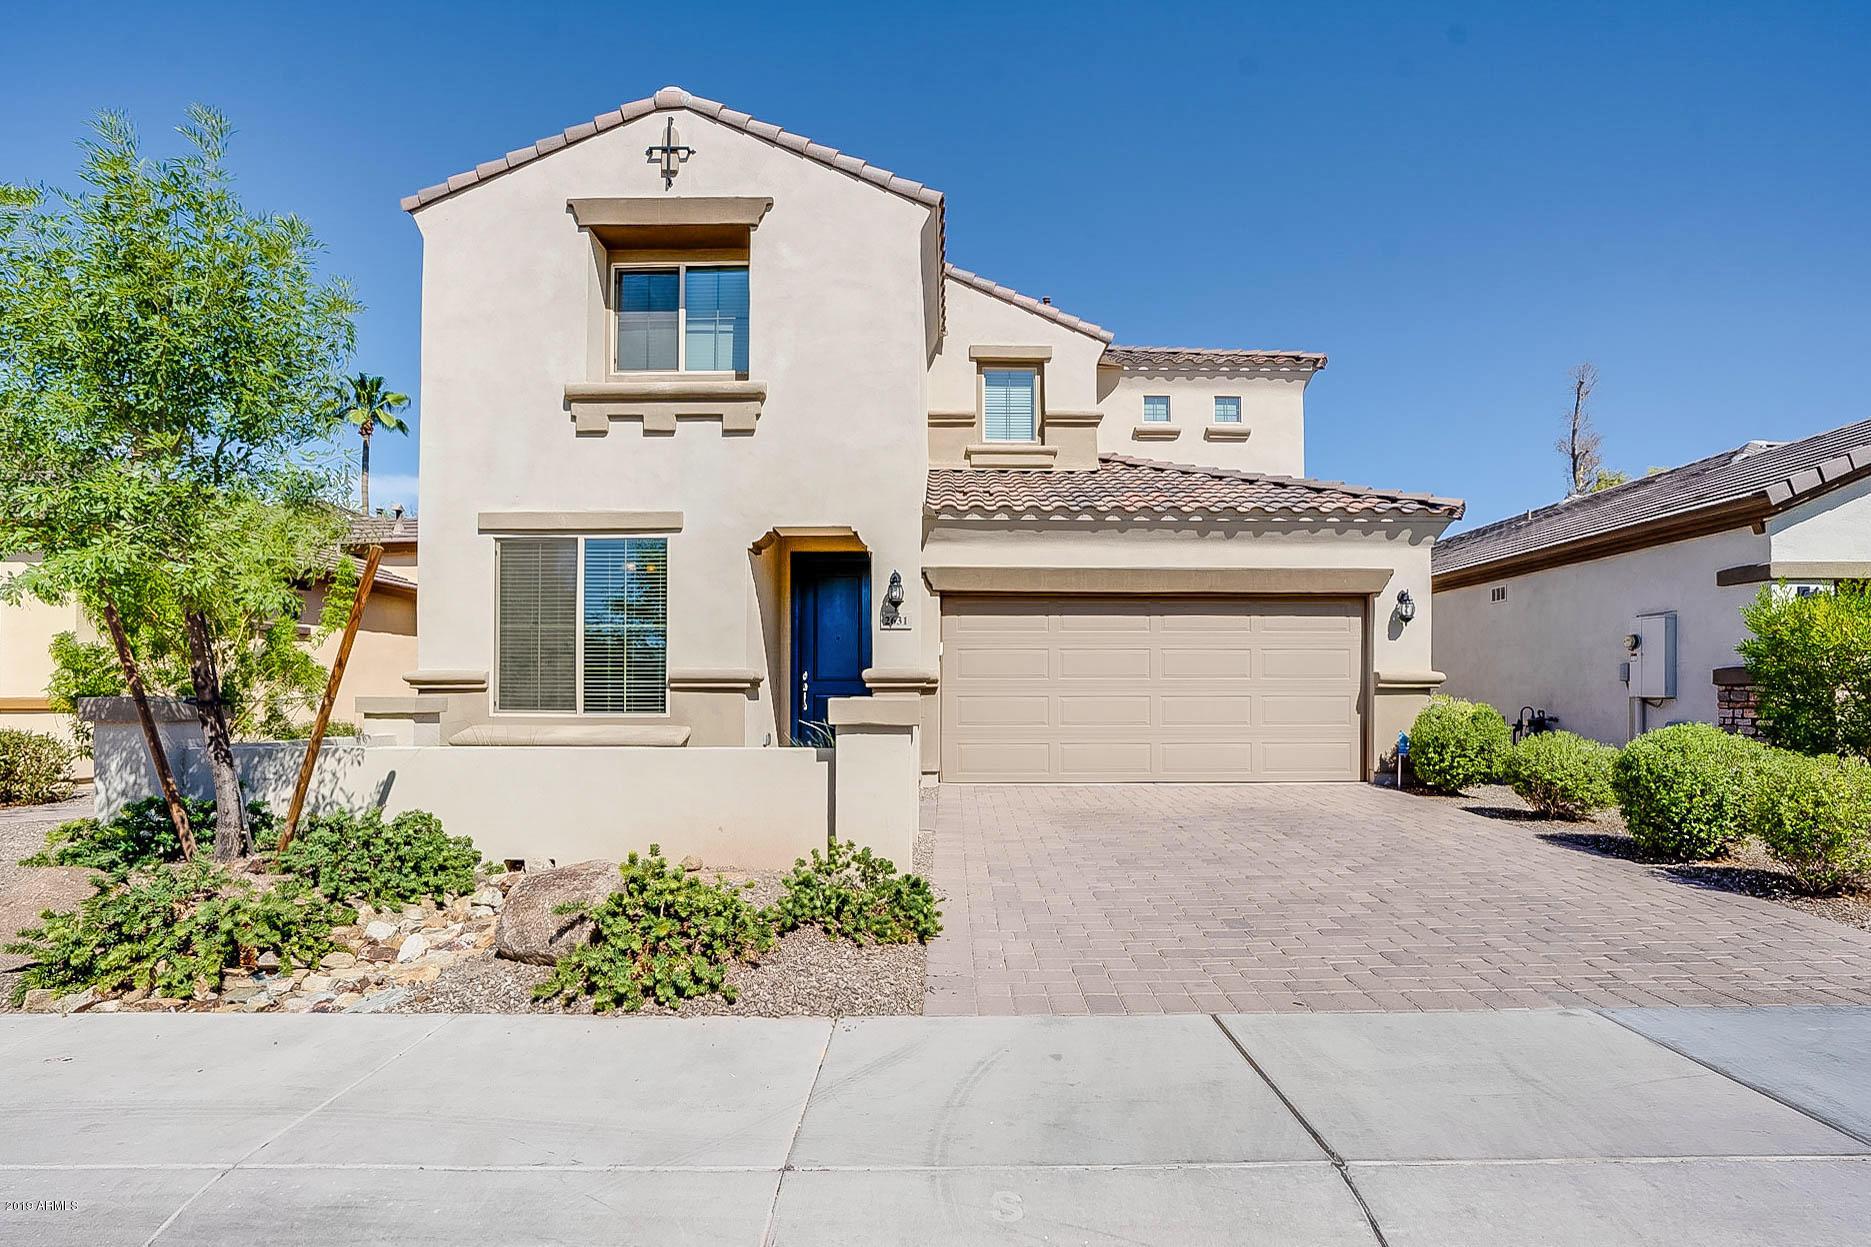 Photo of 2631 N WALKER Way, Phoenix, AZ 85008